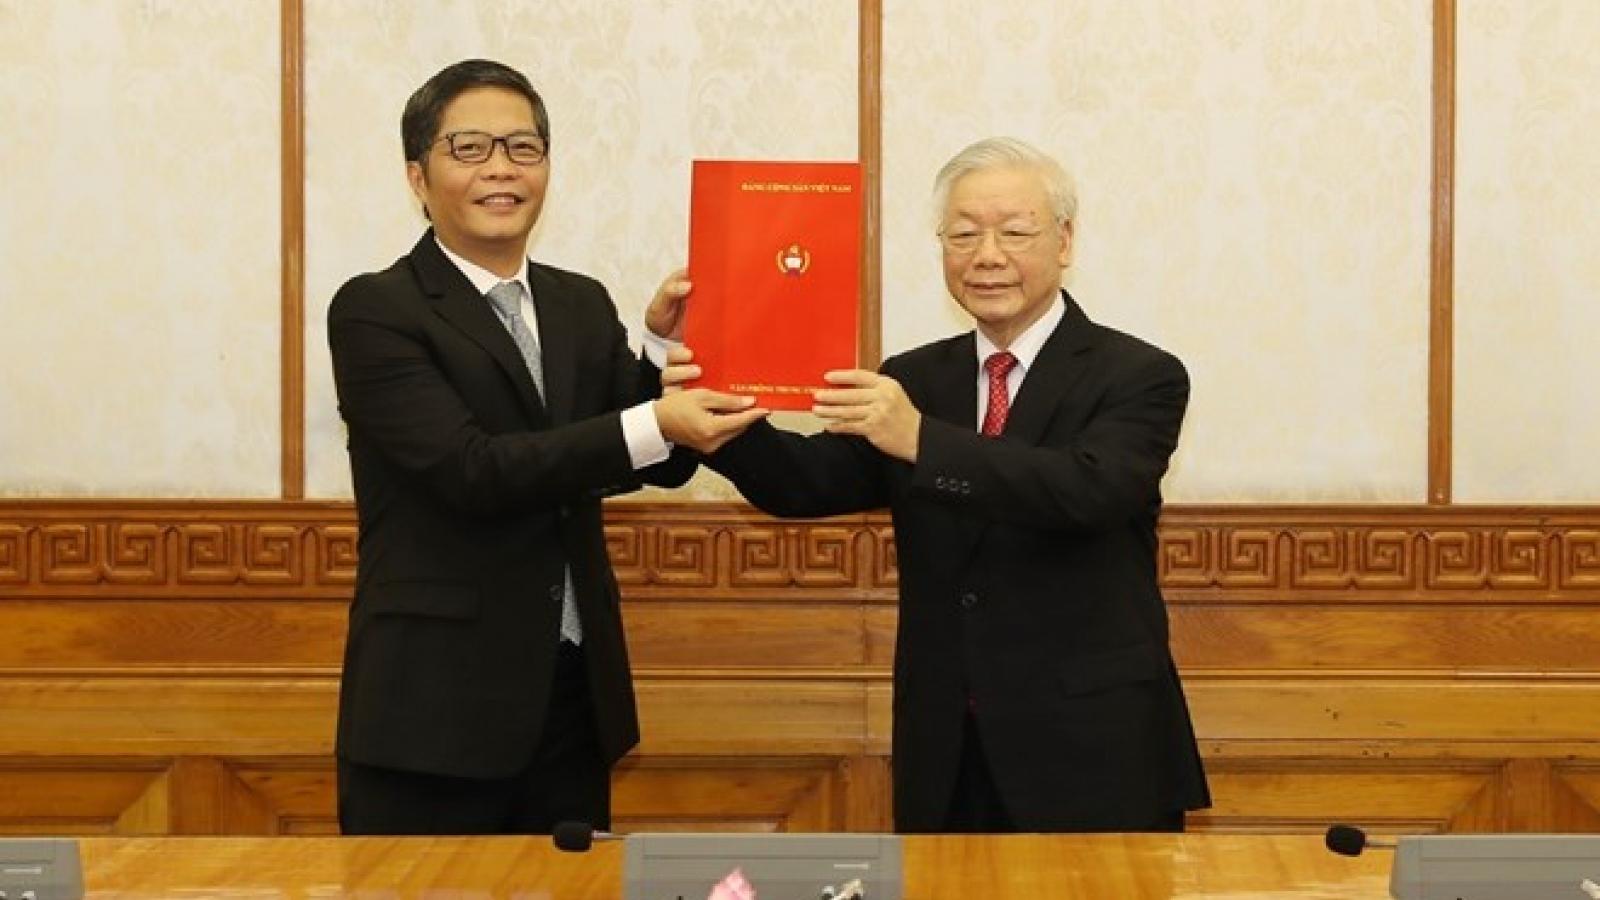 Ông Trần Tuấn Anh được Bộ Chính trị phân công giữ chức Trưởng ban Kinh tế Trung ương